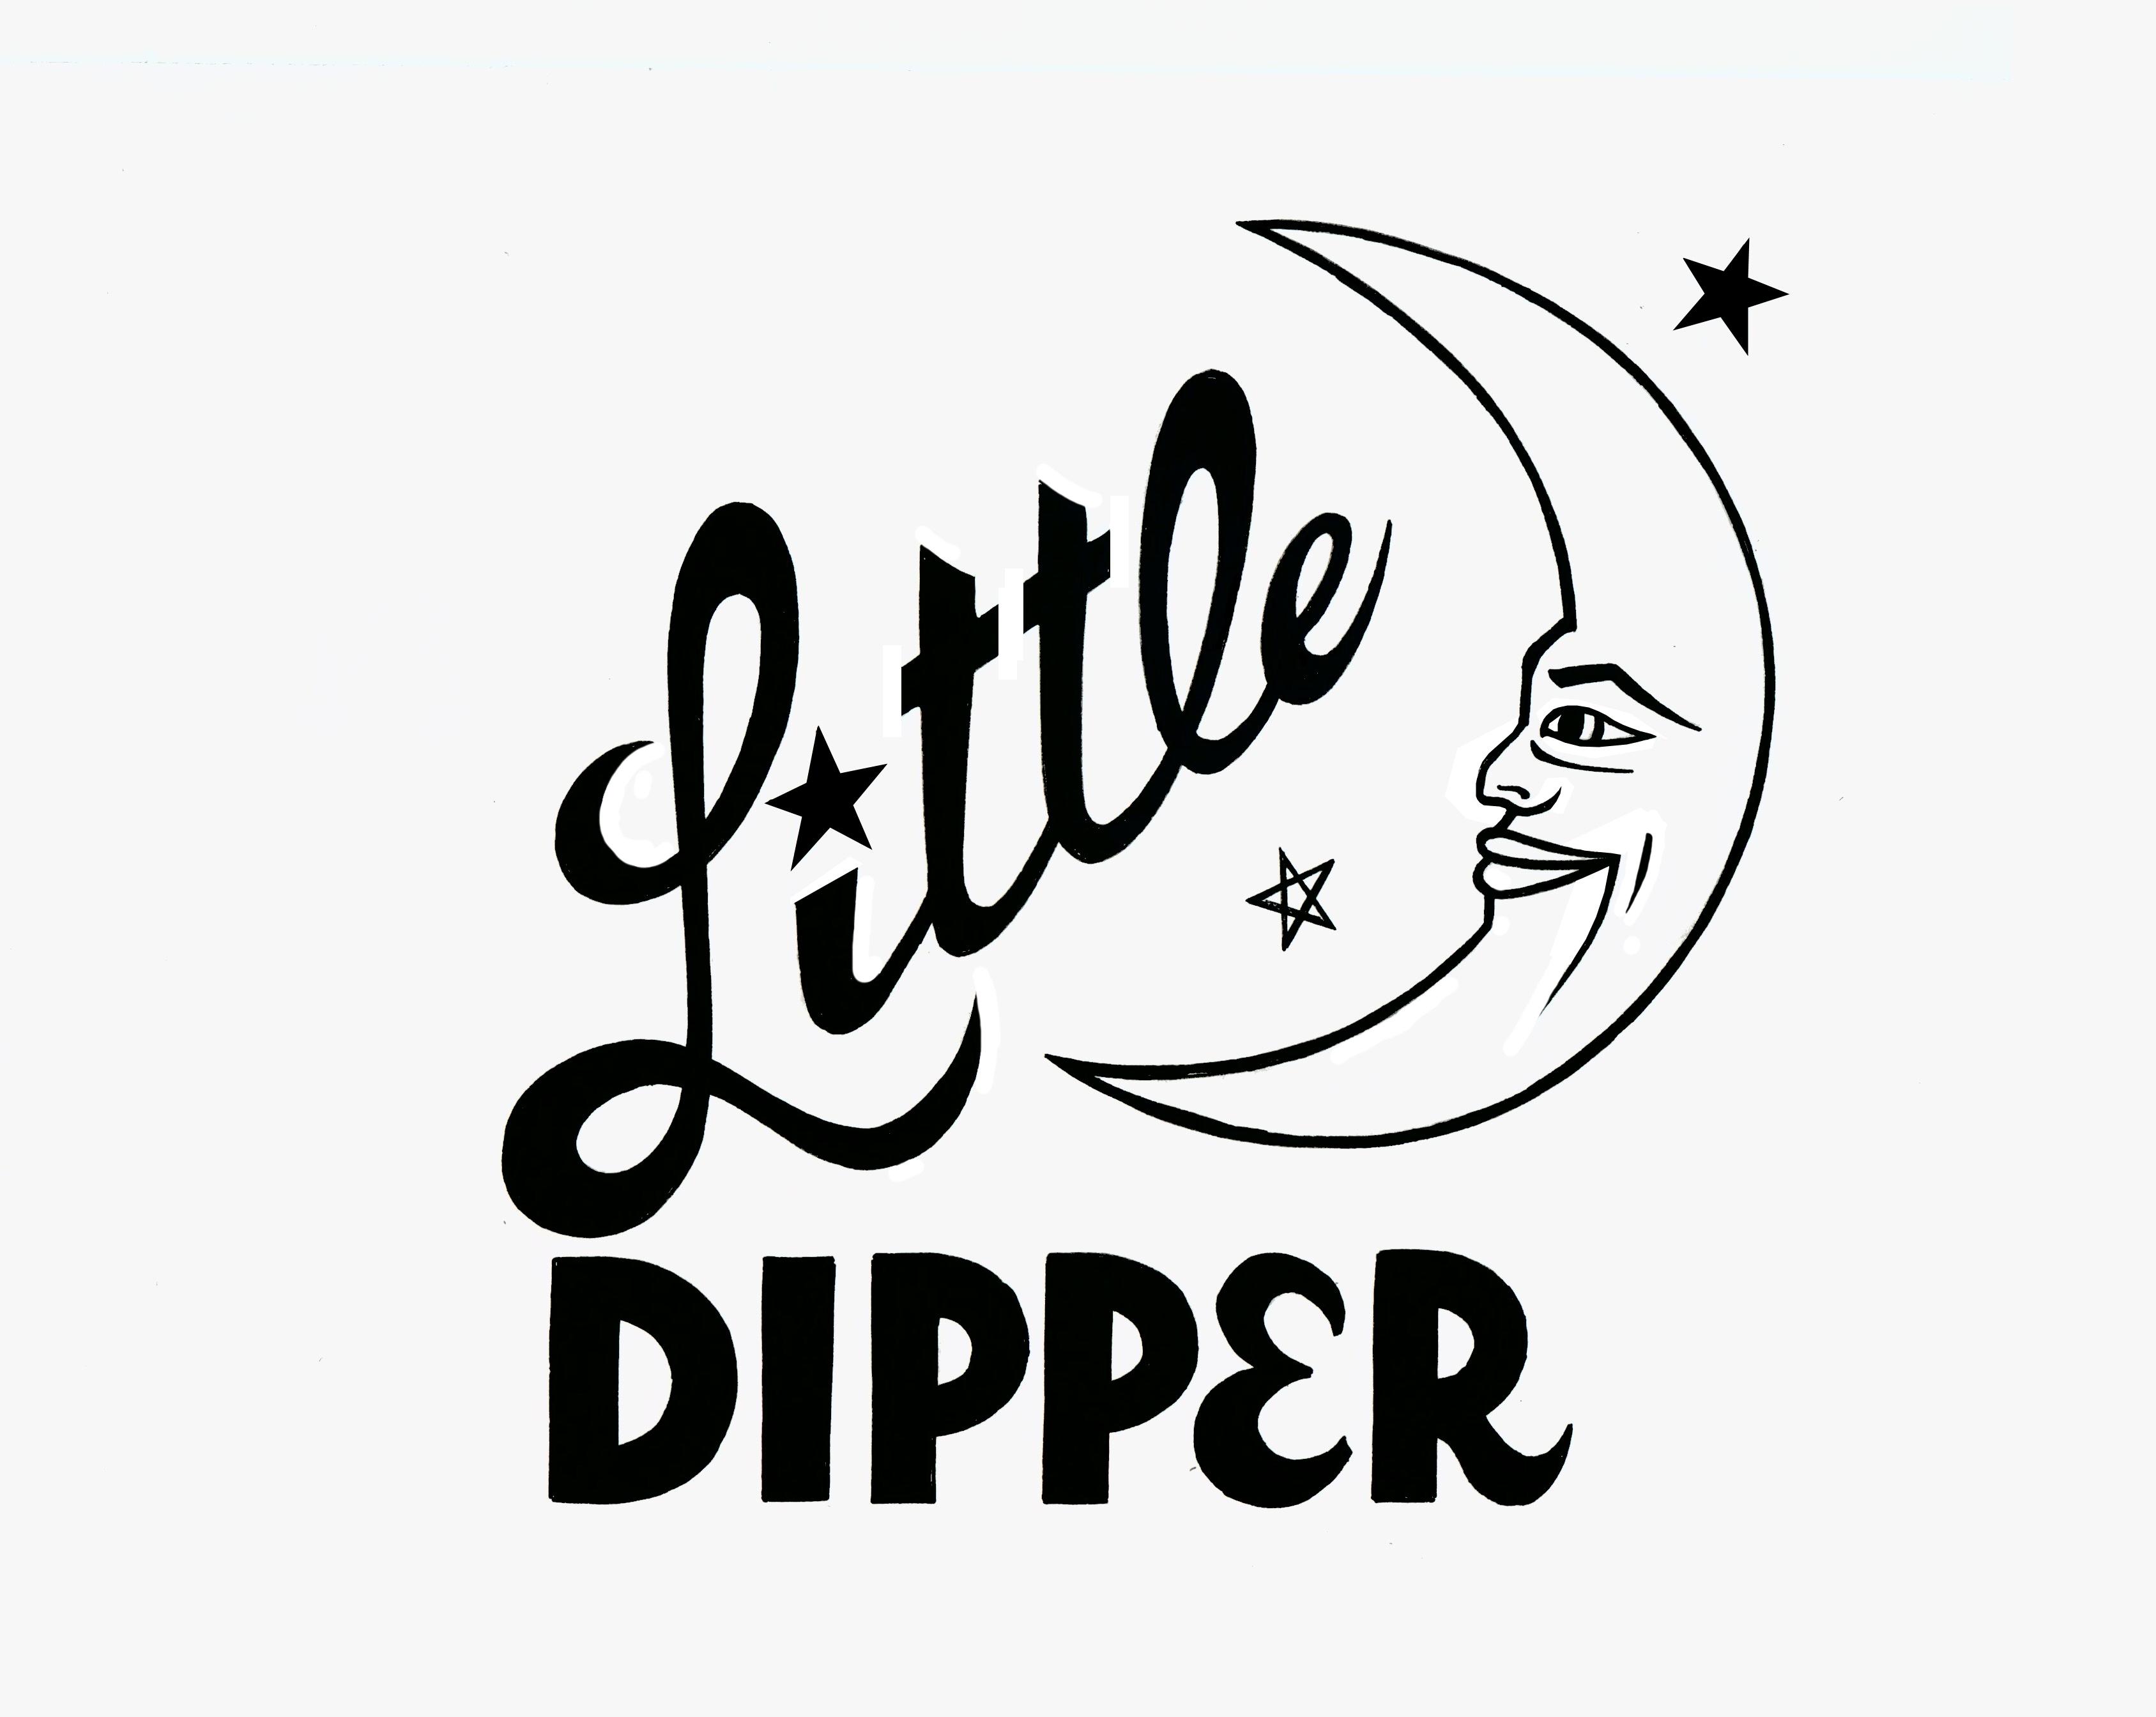 littledipper004.jpg